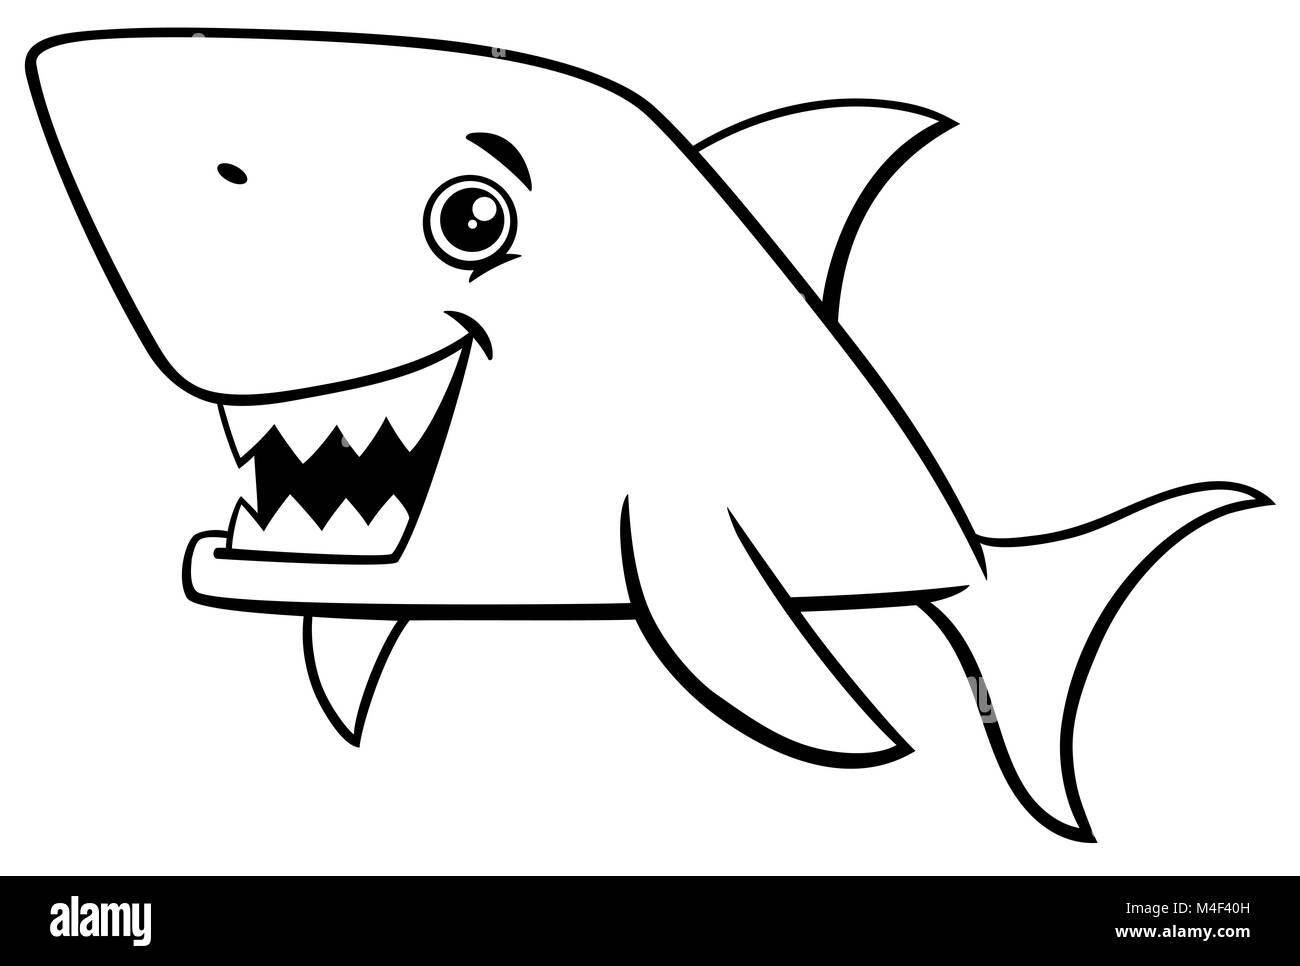 Moderno Significa Grandes Páginas De Colorear De Tiburón Blanco ...